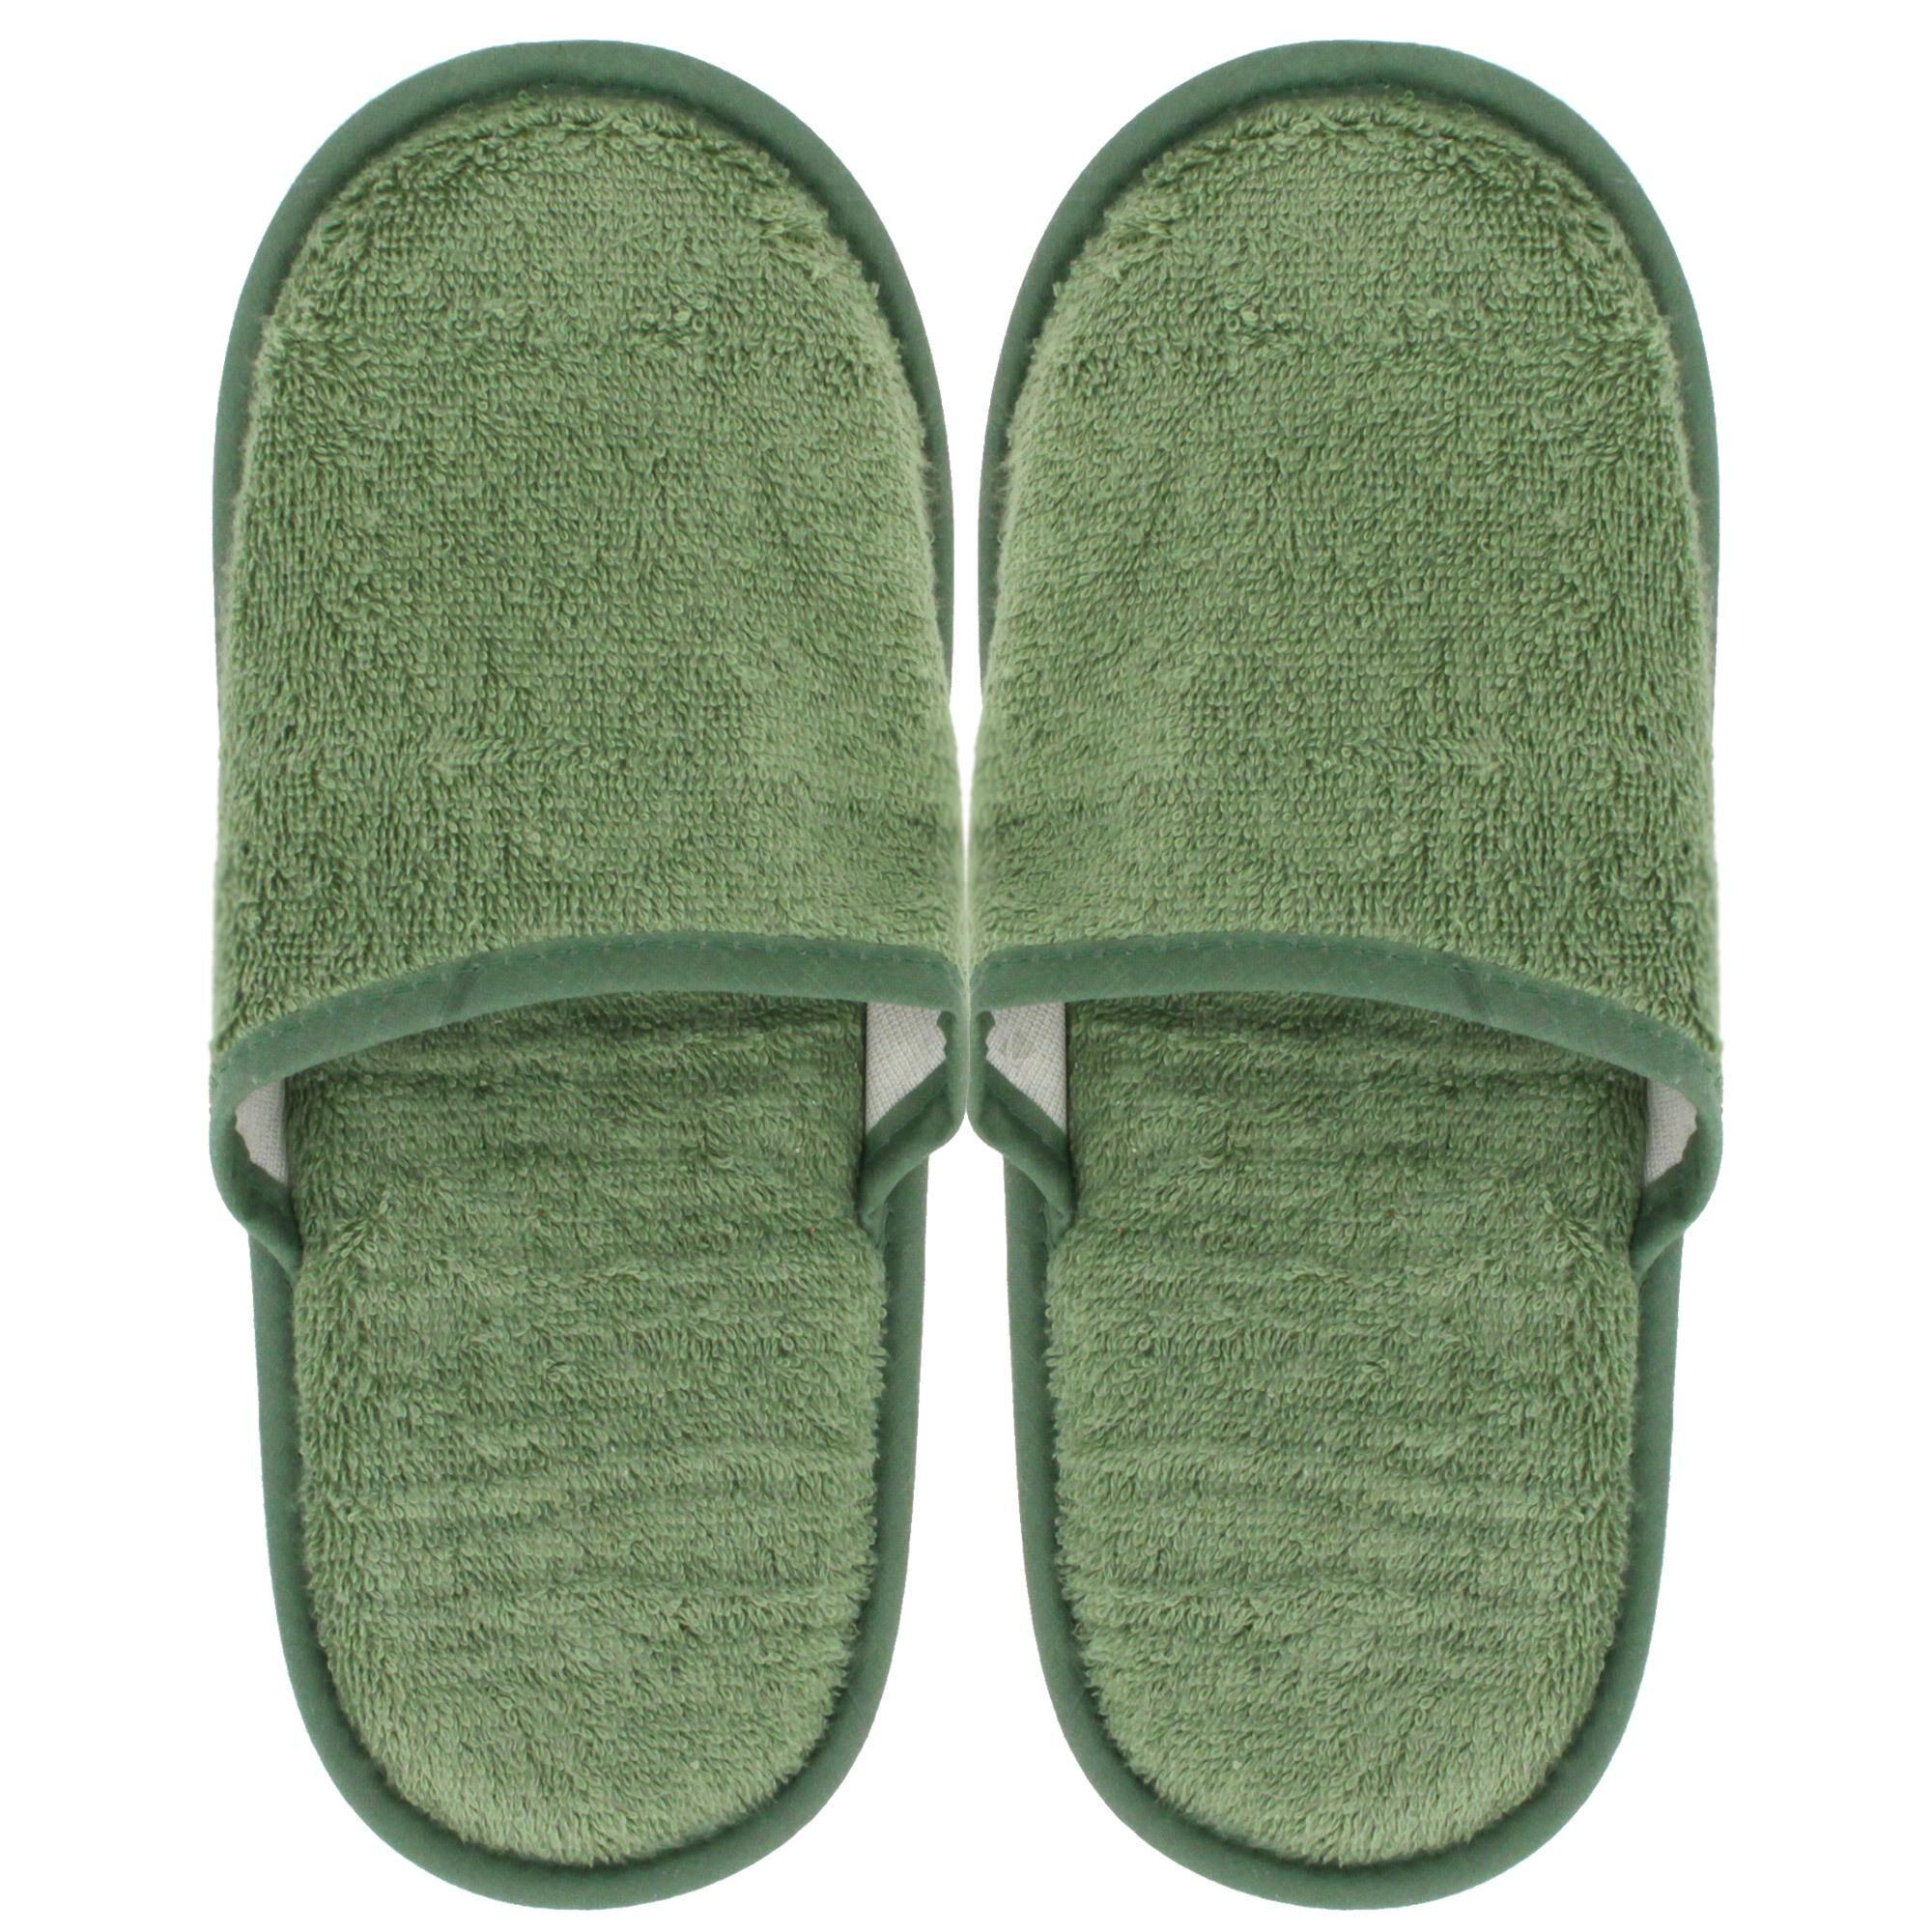 Linnea Chaussons de bain PURE Vert Amande taille Large L du 41 au 43